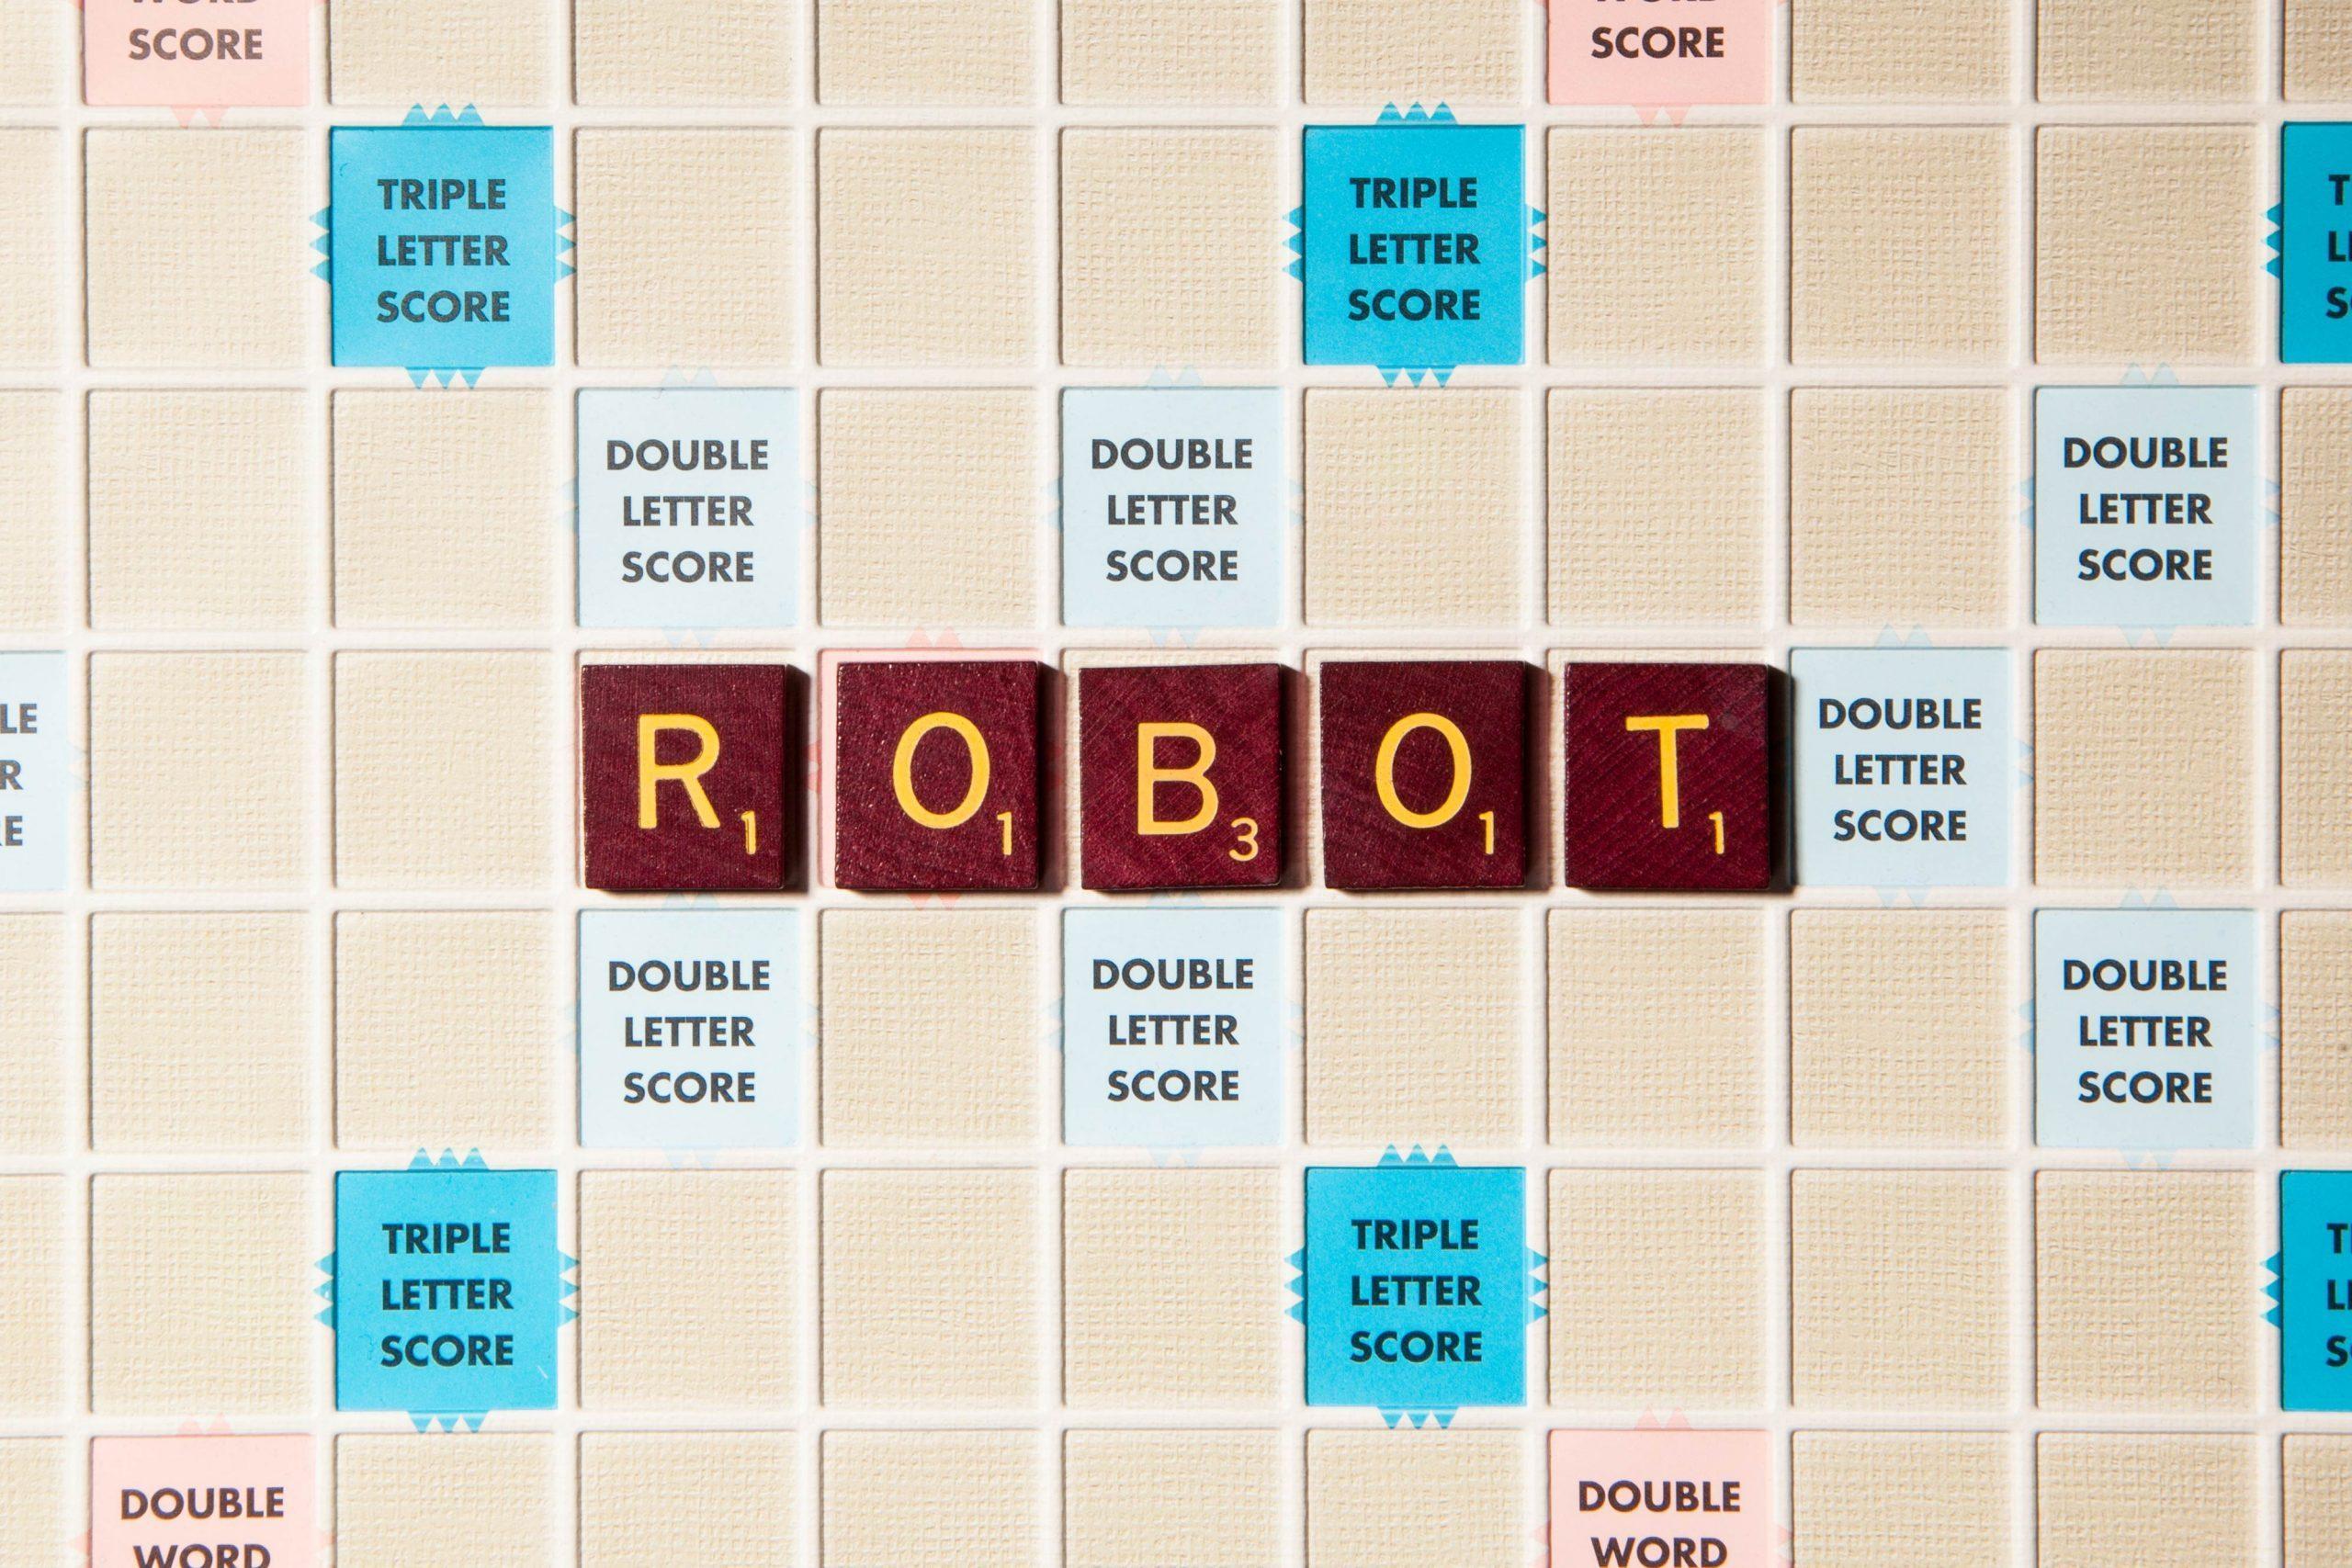 scrabble robot letters